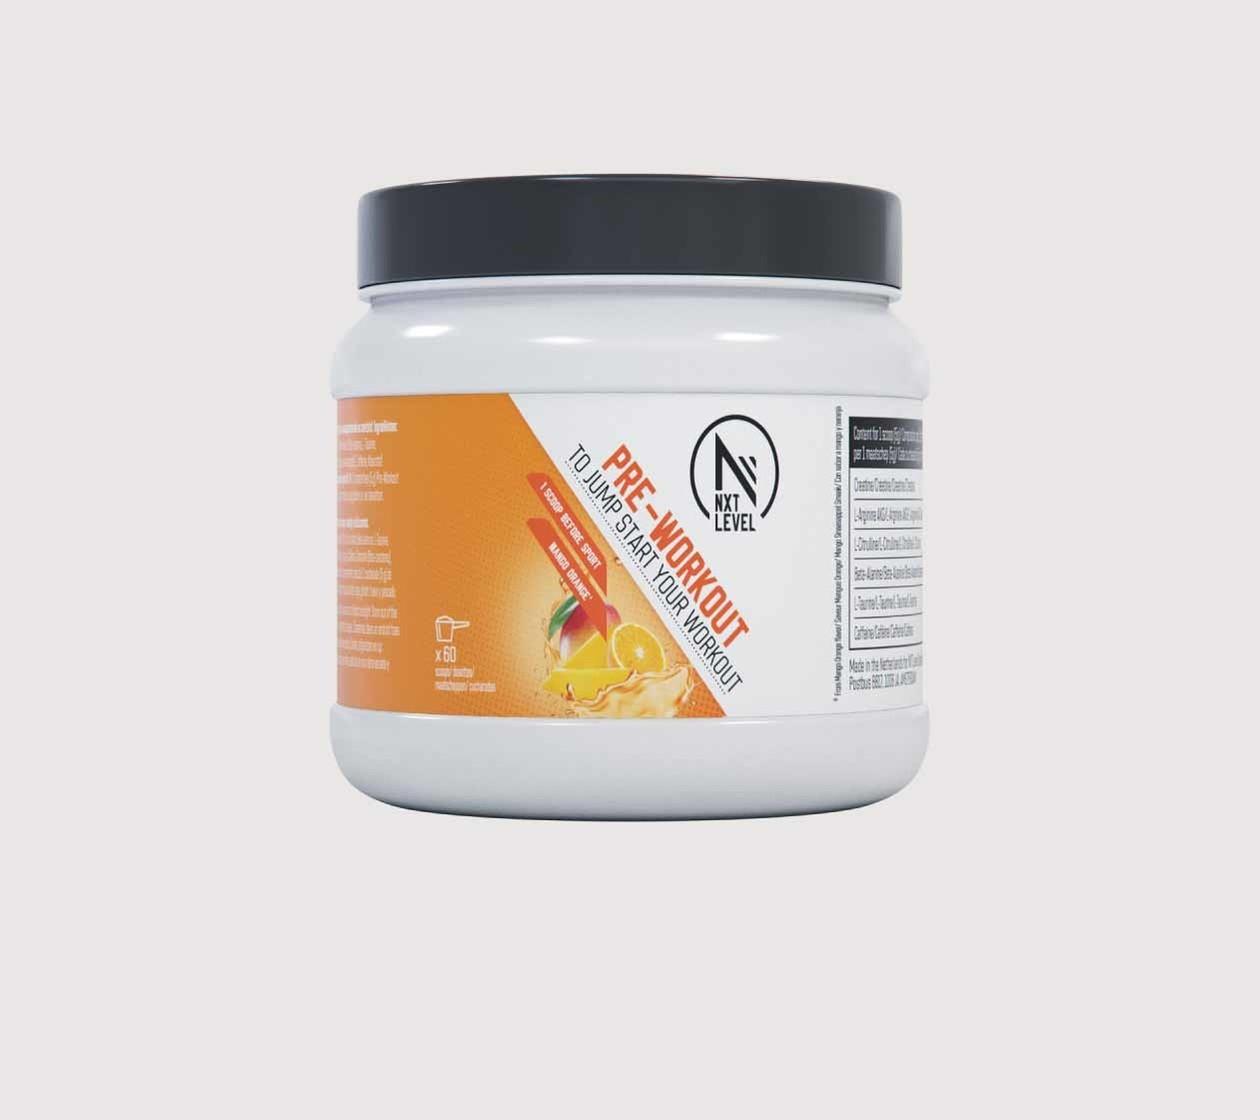 Pre Workout (300g) - Choisissez parmi 2 saveurs